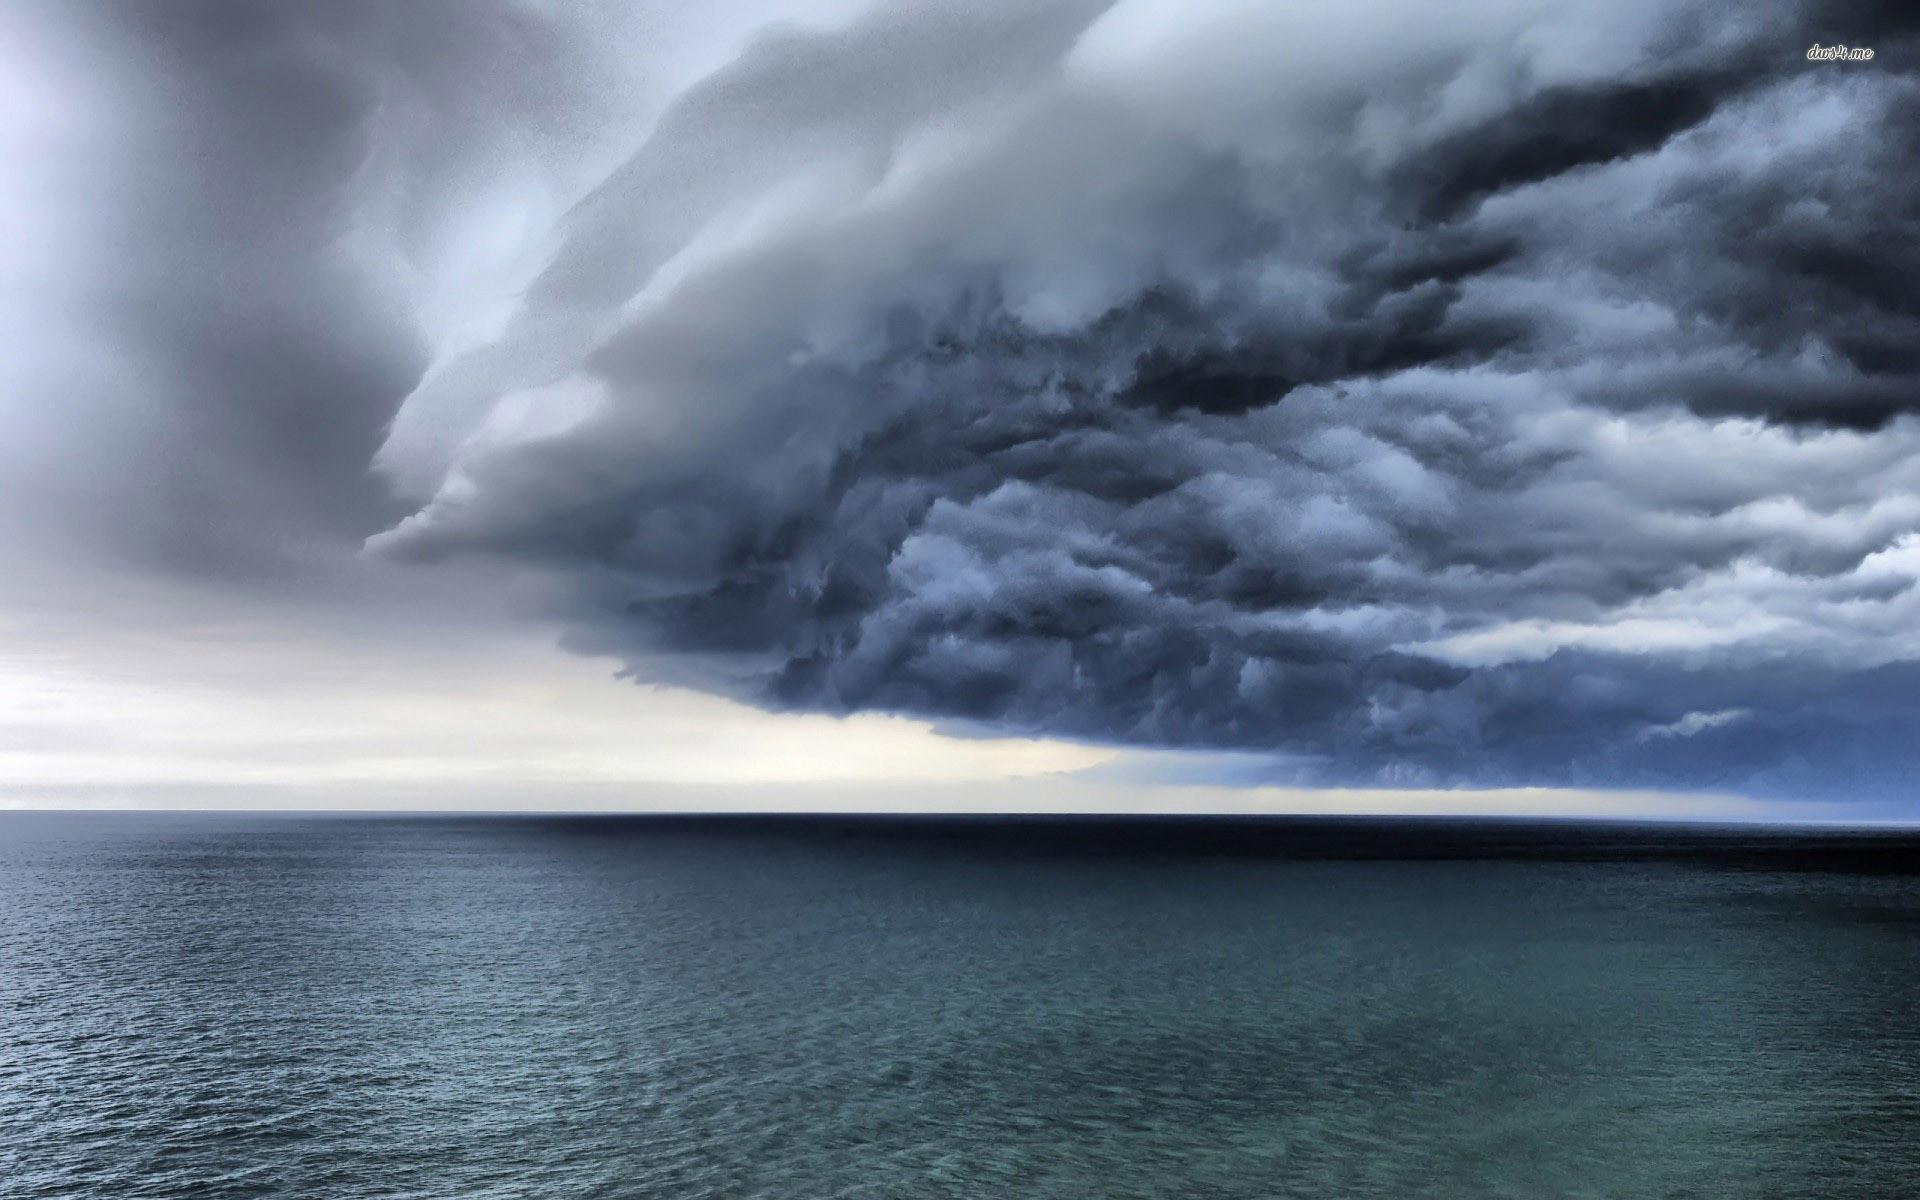 Beach Wallpaper : Page 3 : Ellarow.com : Ocean Storm Wallpaper HD .